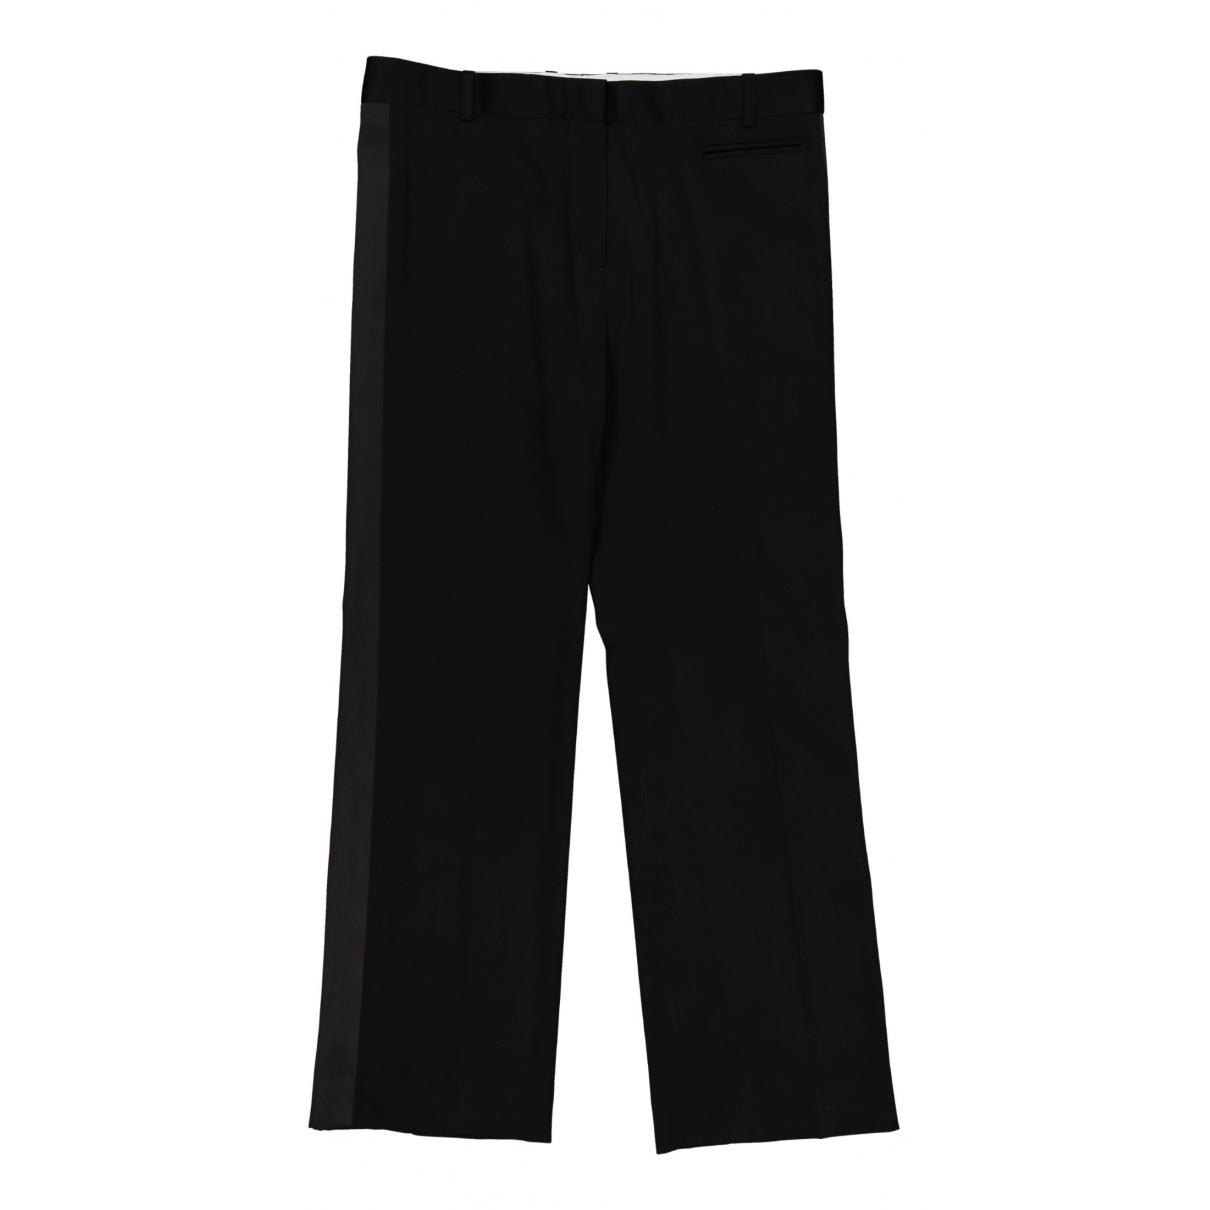 Pantalon recto de Lana Celine